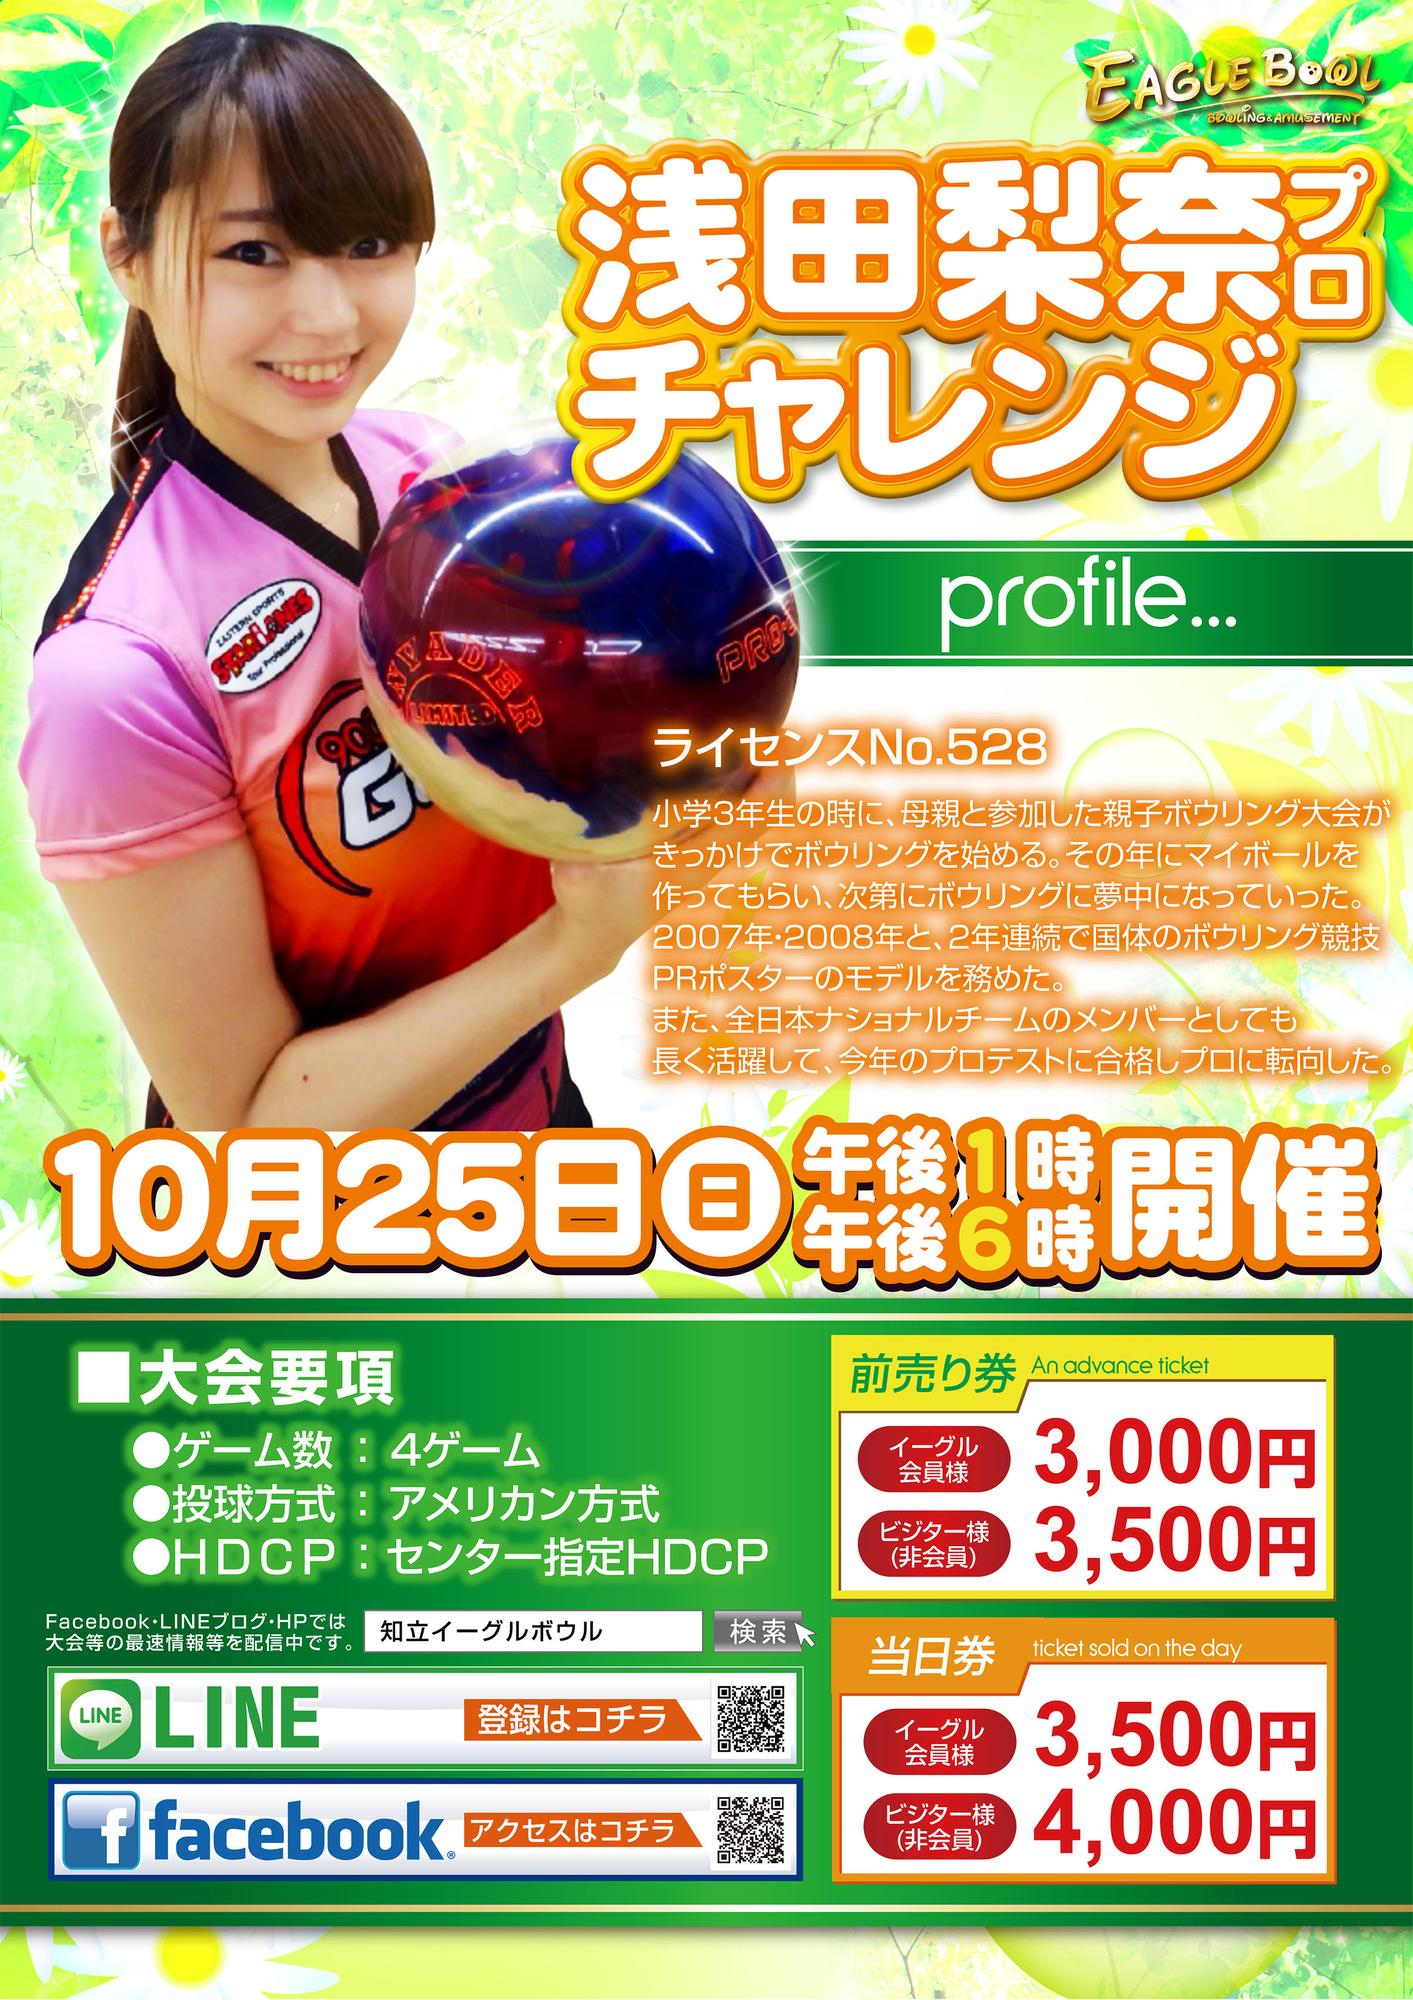 10/25 浅田梨奈プロチャレンジ